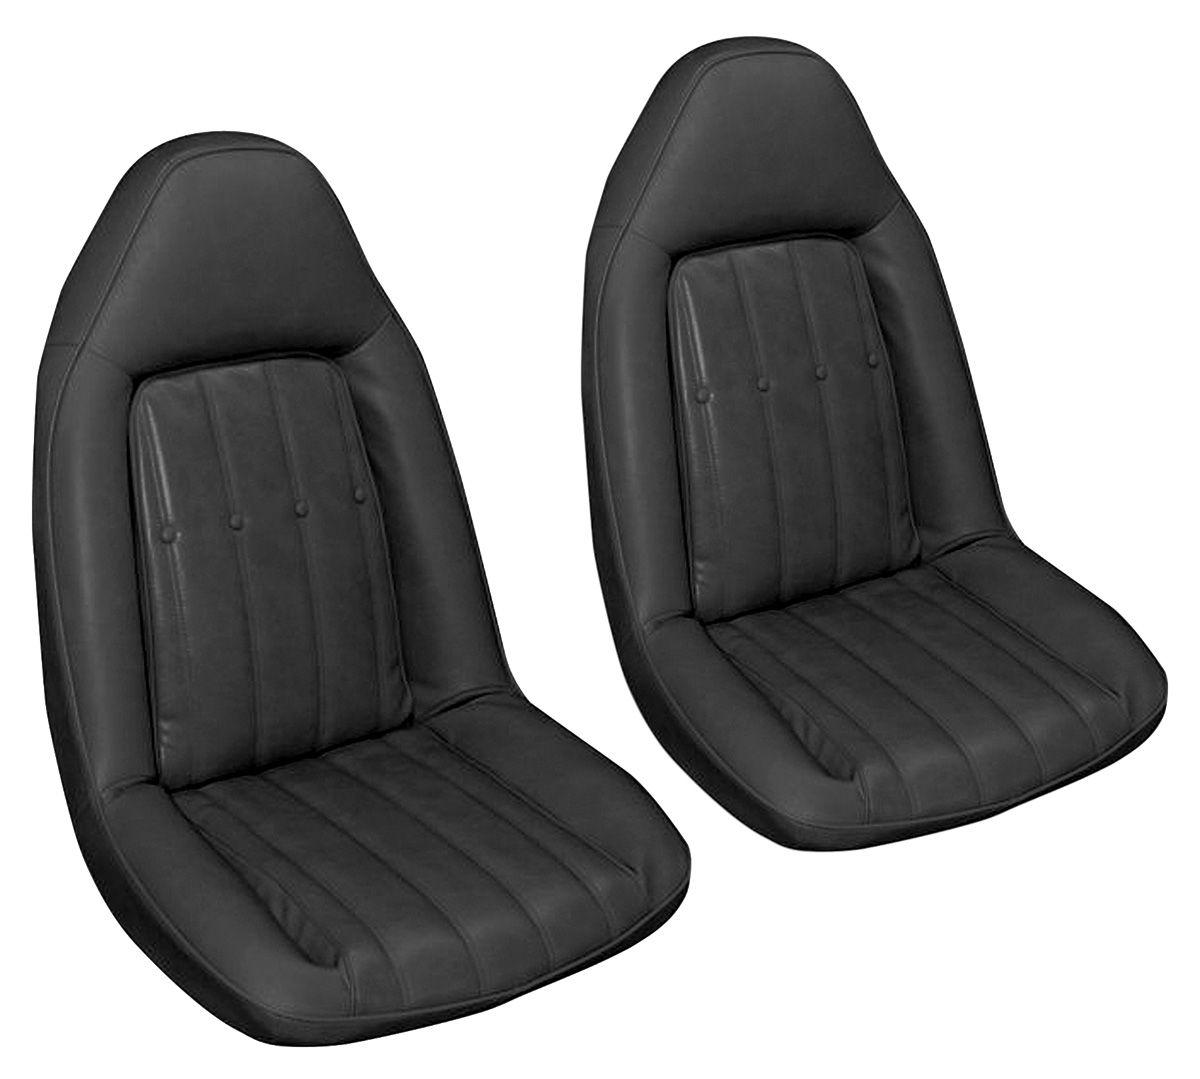 Outstanding Seat Upholstery 1975 76 Monte Carlo Swivel Front Buckets Inzonedesignstudio Interior Chair Design Inzonedesignstudiocom